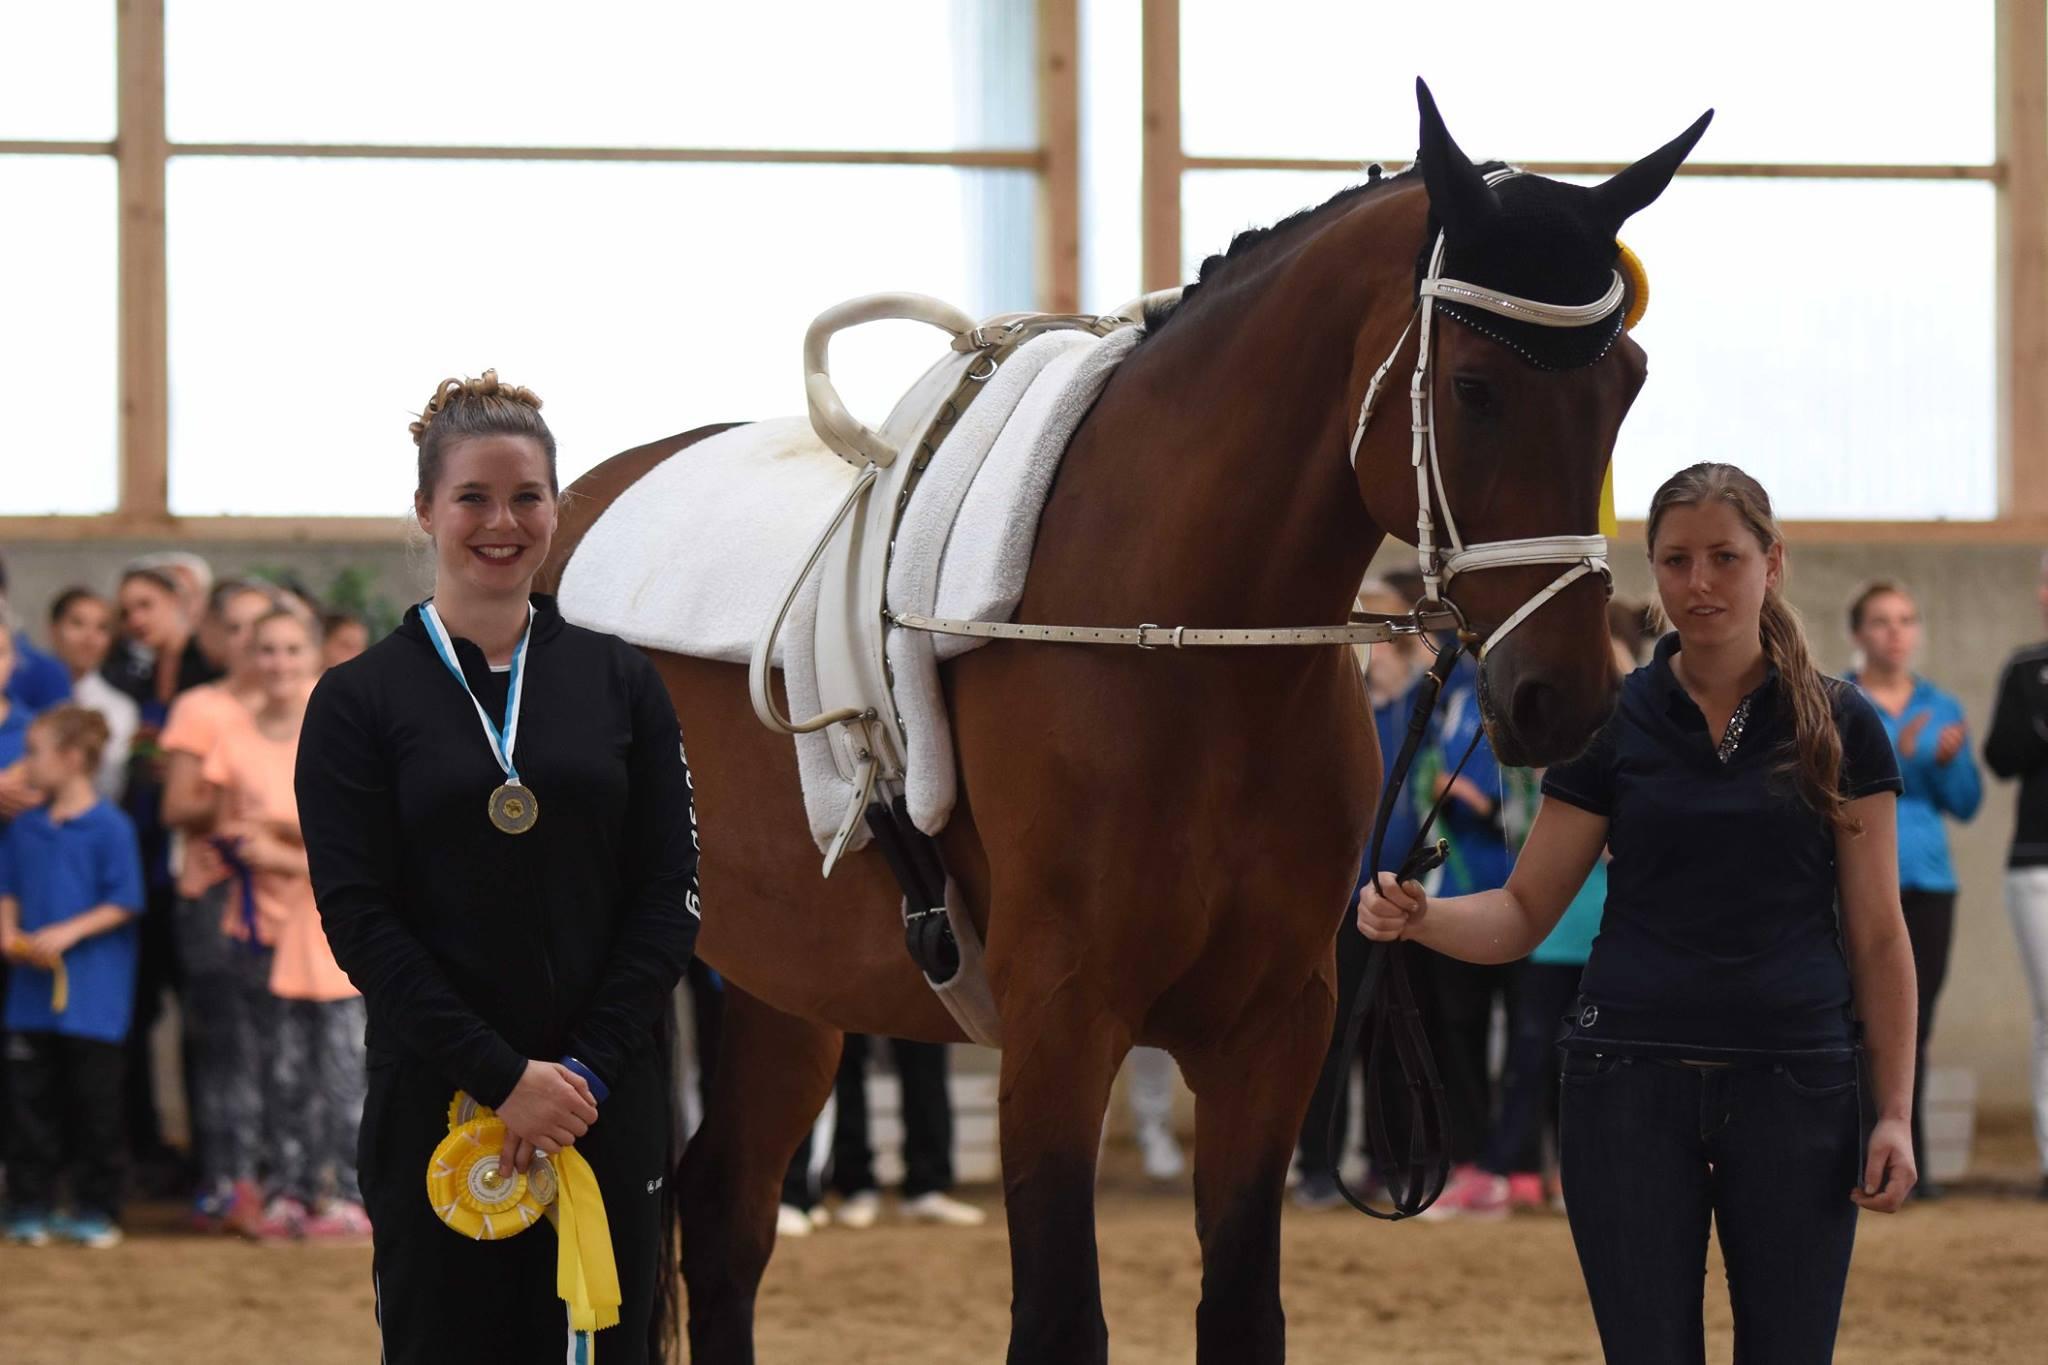 Ebenso überlegen gewann Regina Burgmayr im Senior-Einzel